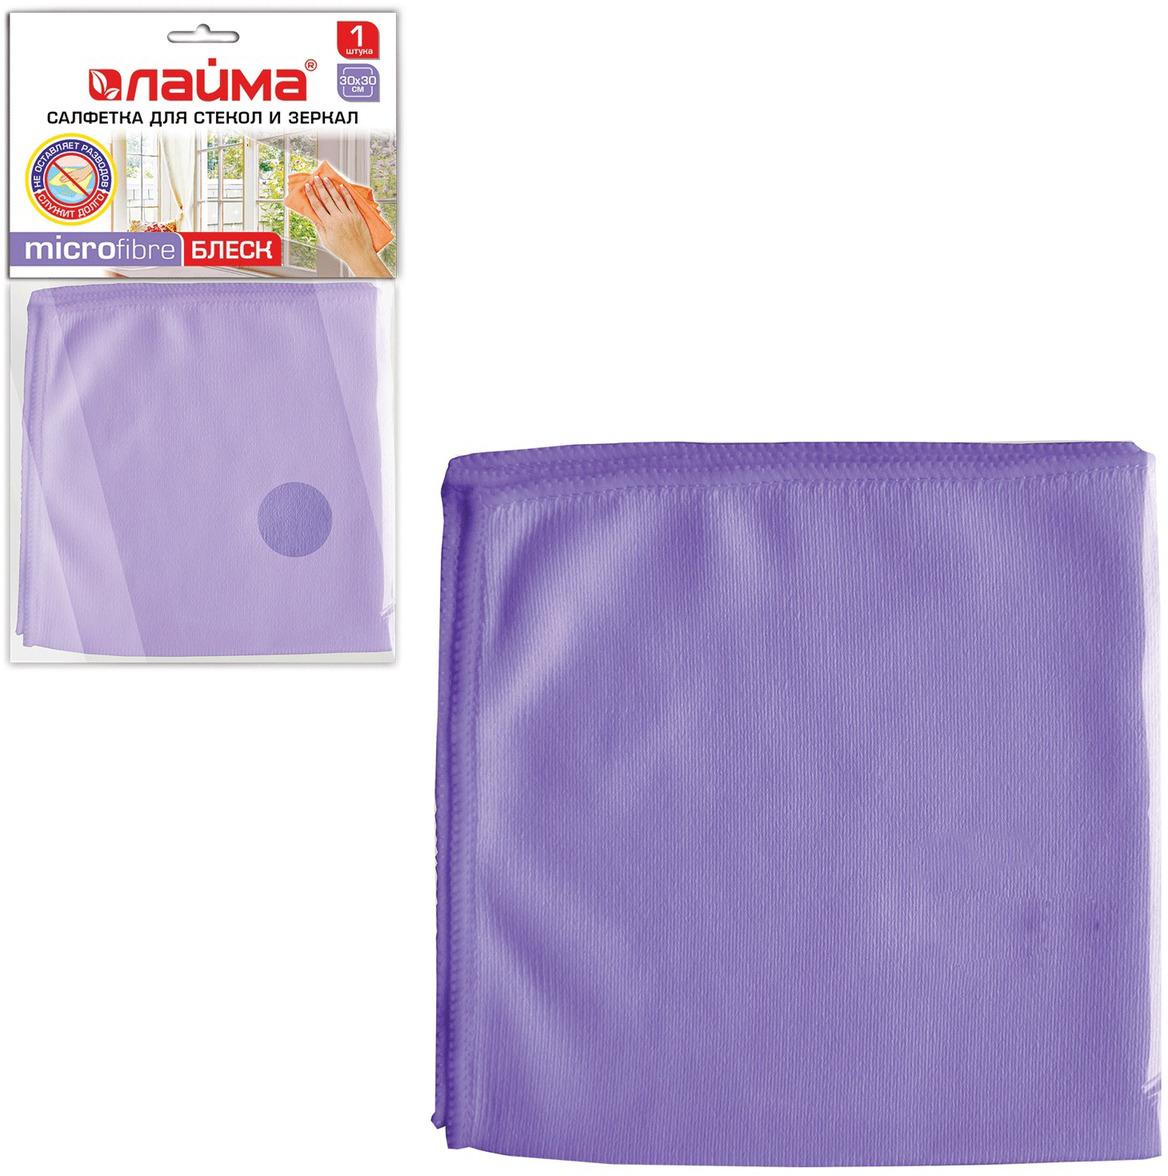 Салфетка для стекол и зеркал Лайма Гладь, цвет: фиолетовый, 30 х 30 см салфетка универсальная сelesta из микрофибры цвет фиолетовый 30 х 30 см